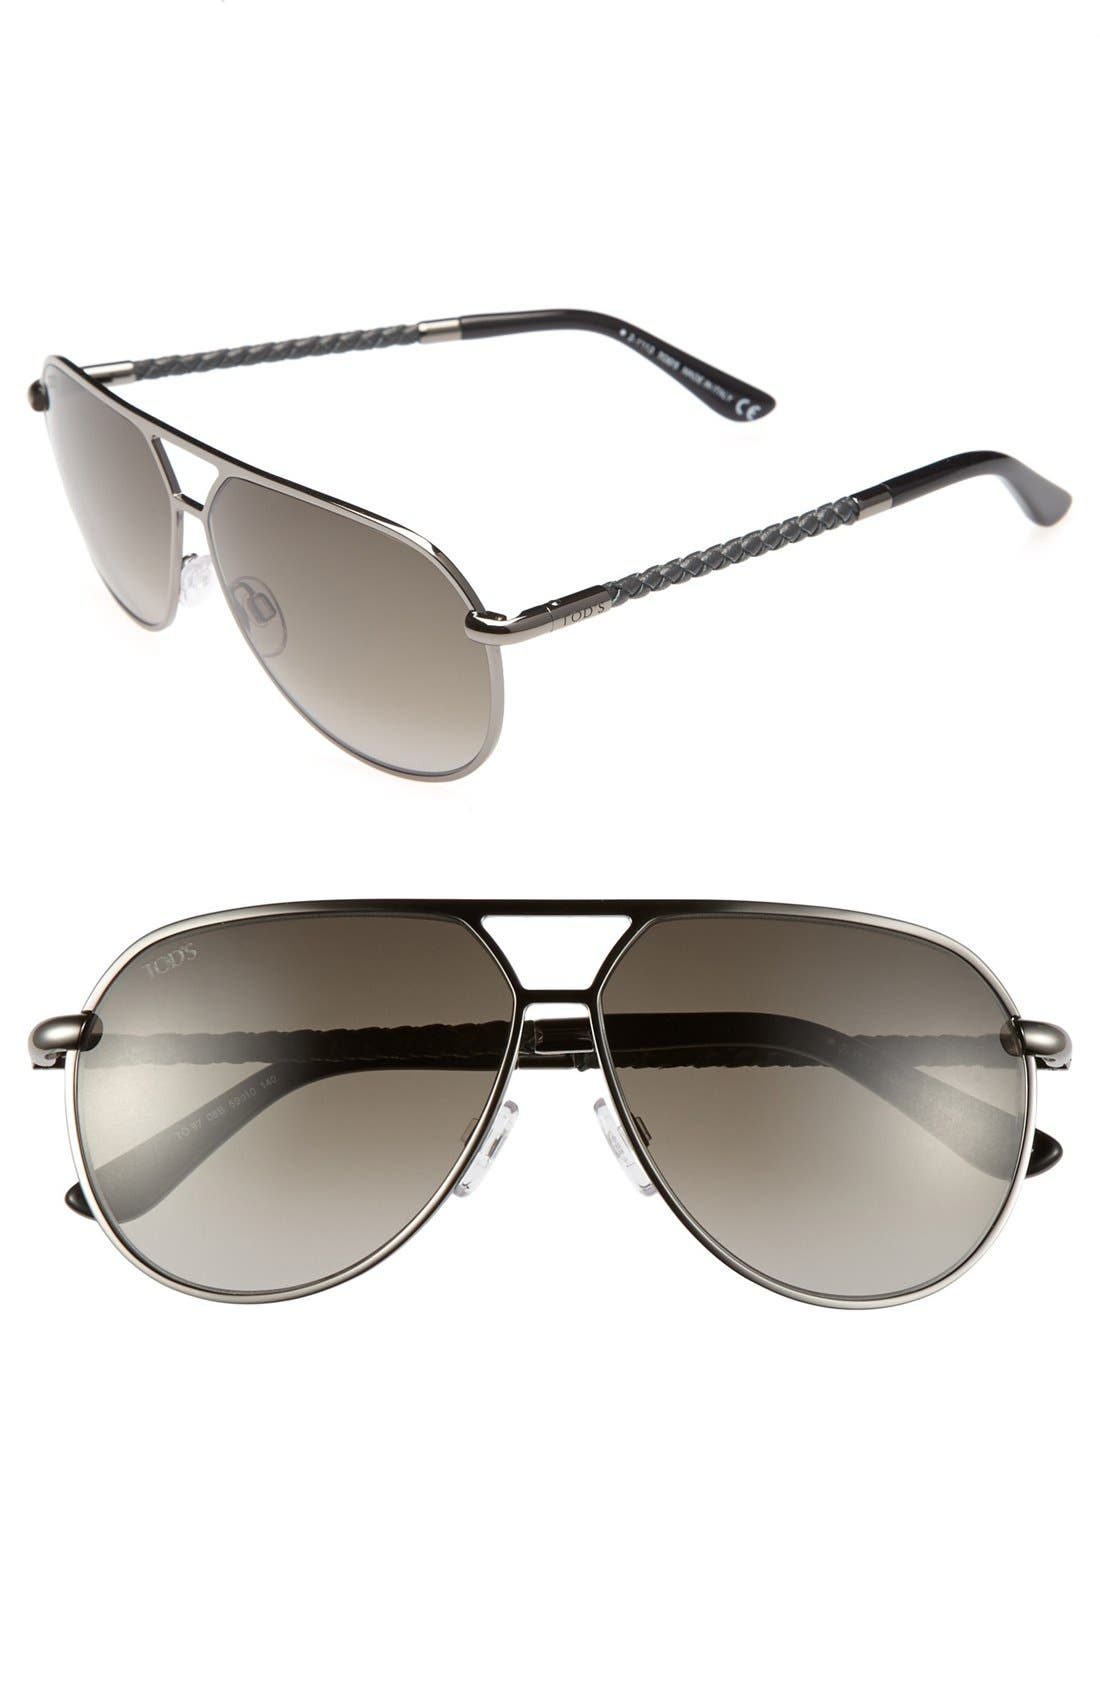 Main Image - Tod's 59mm Aviator Sunglasses